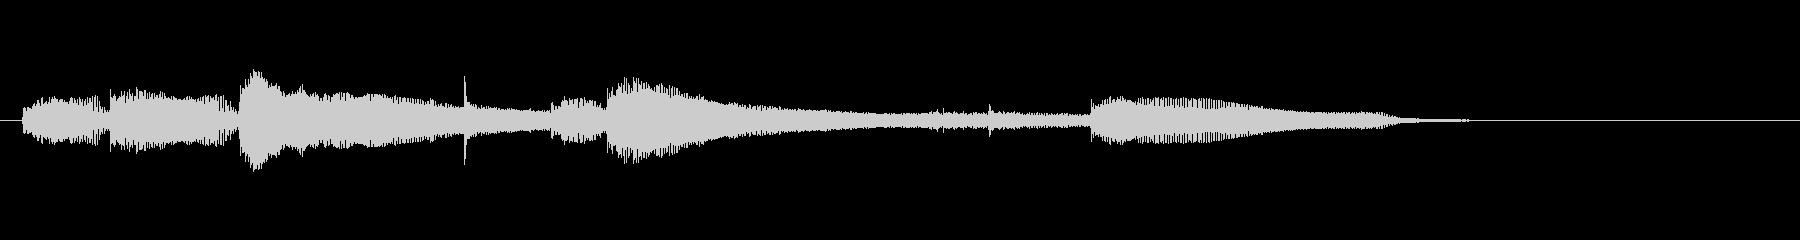 生音エレキギター6弦チューニング2エコーの未再生の波形